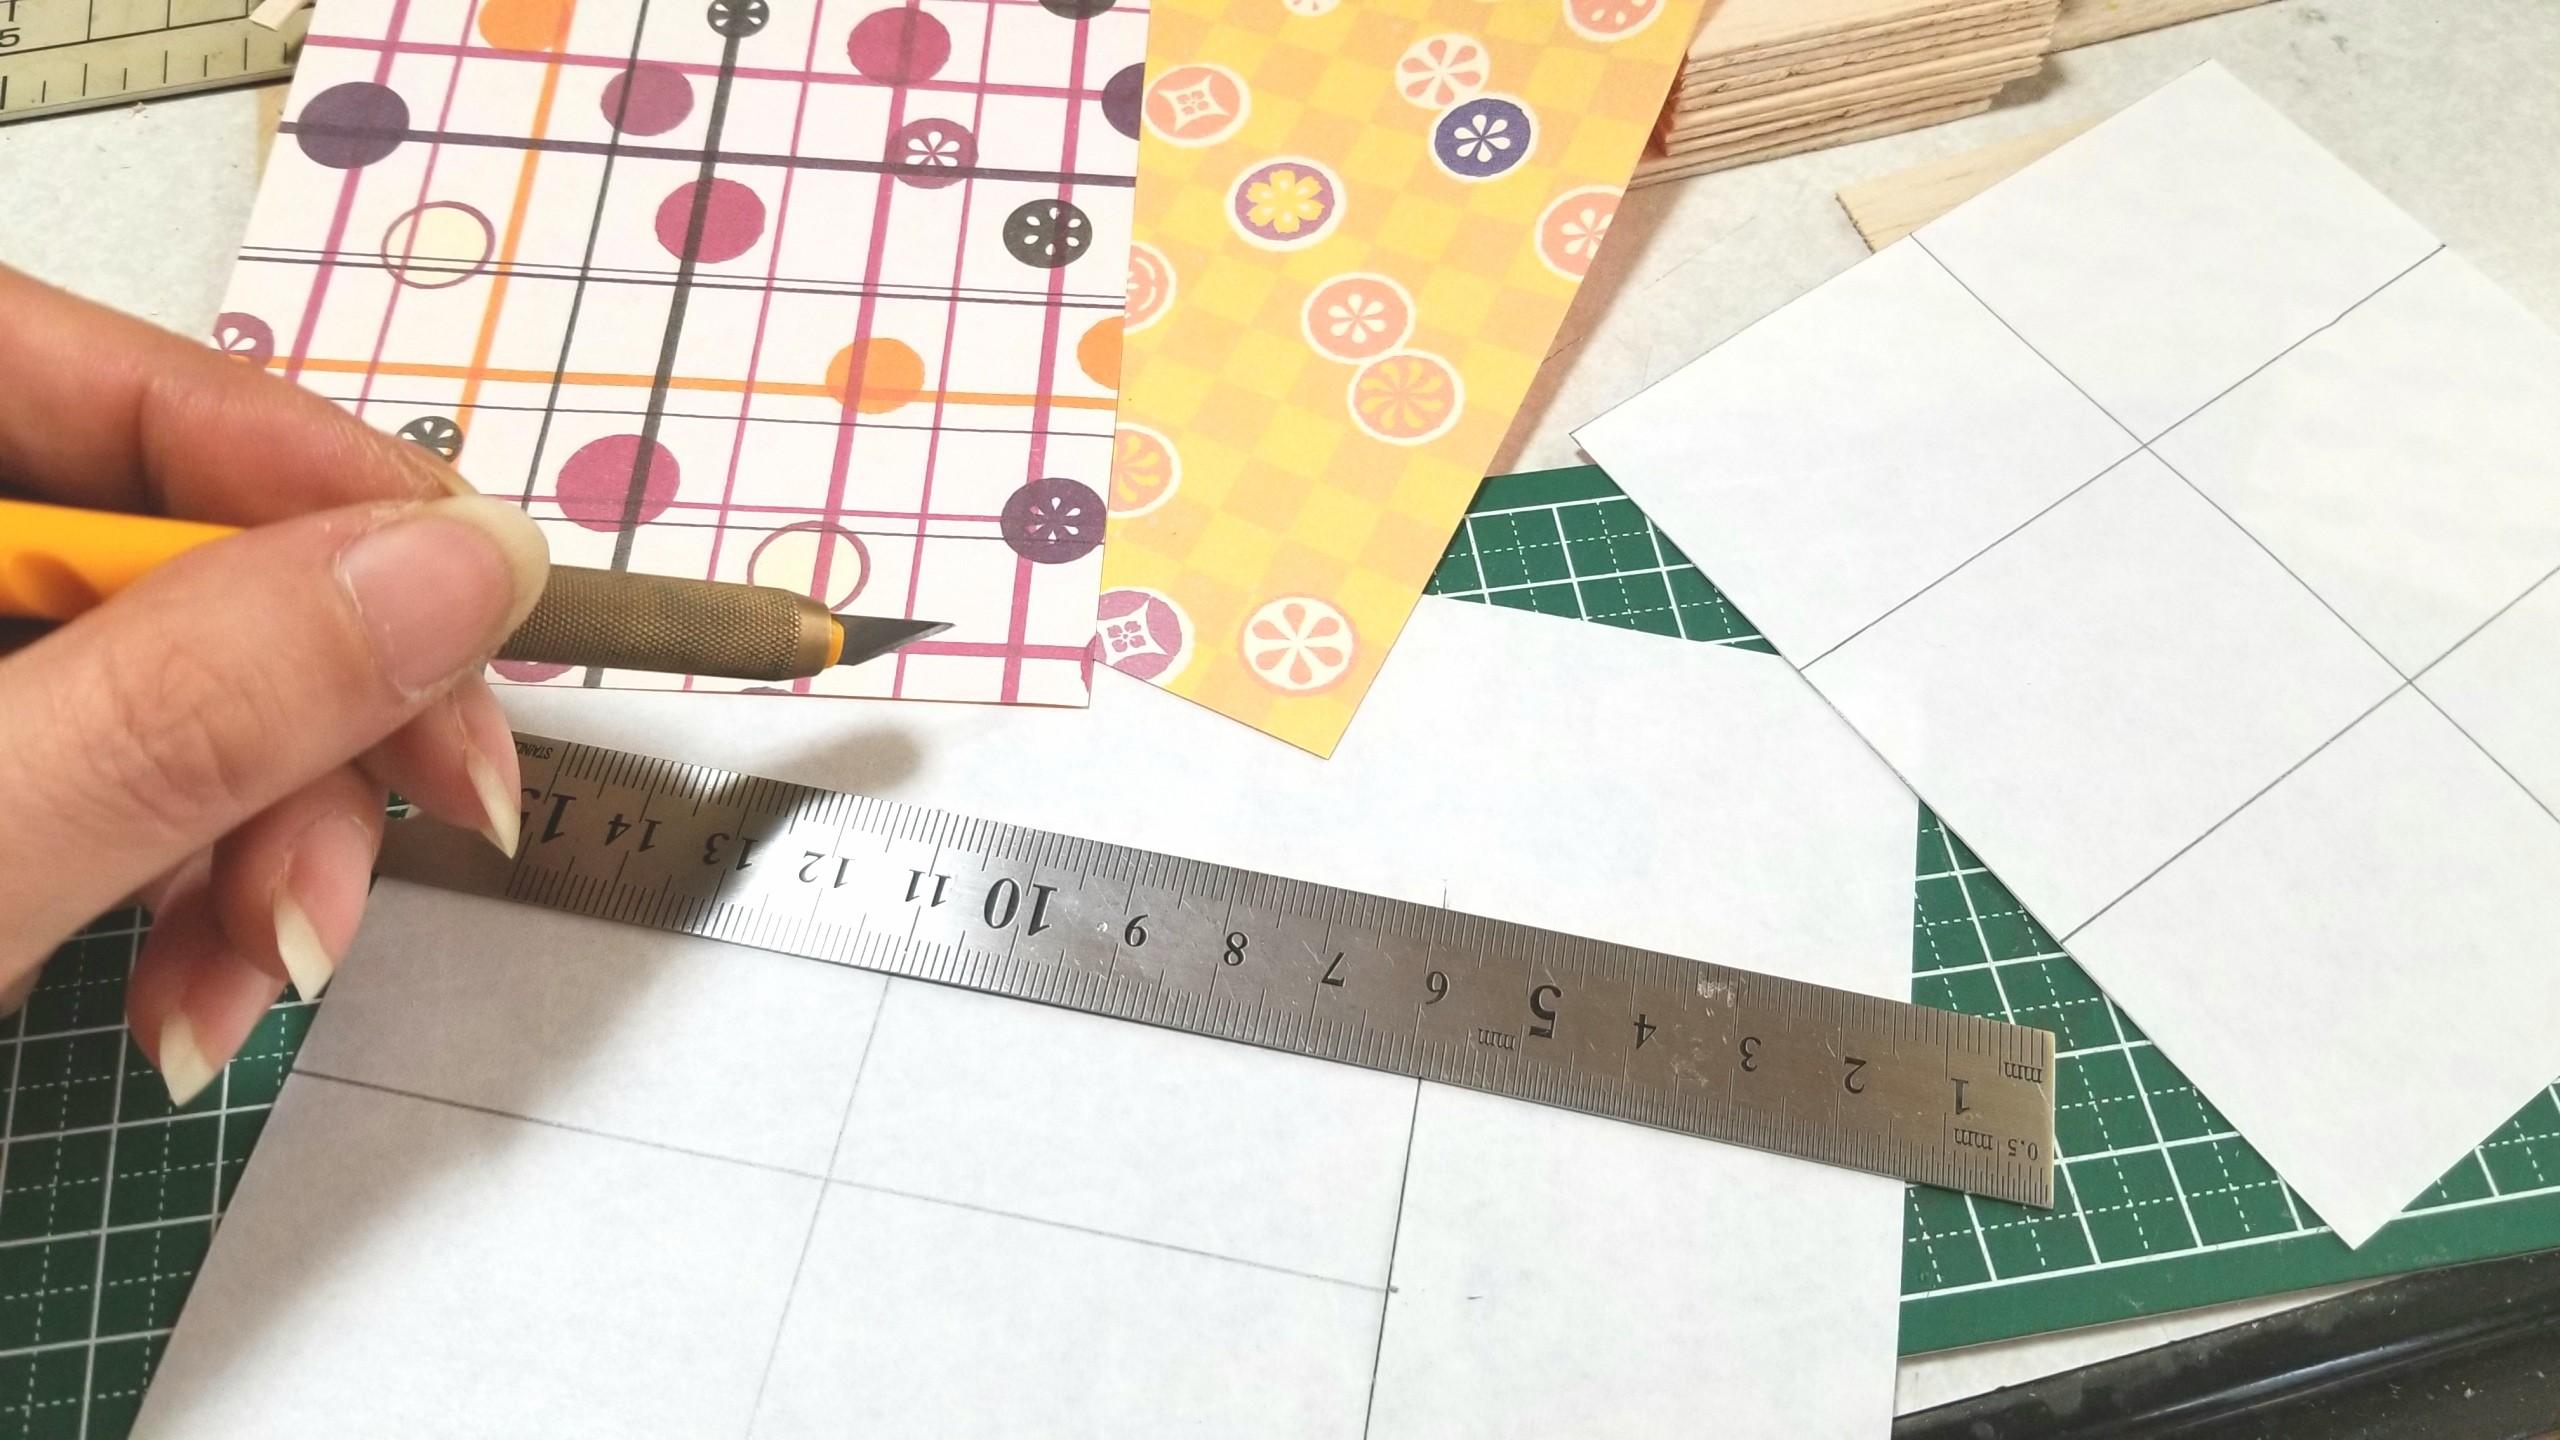 ハンドメイド,和菓子,台紙,土台,作り方,ドールハウス,千代紙